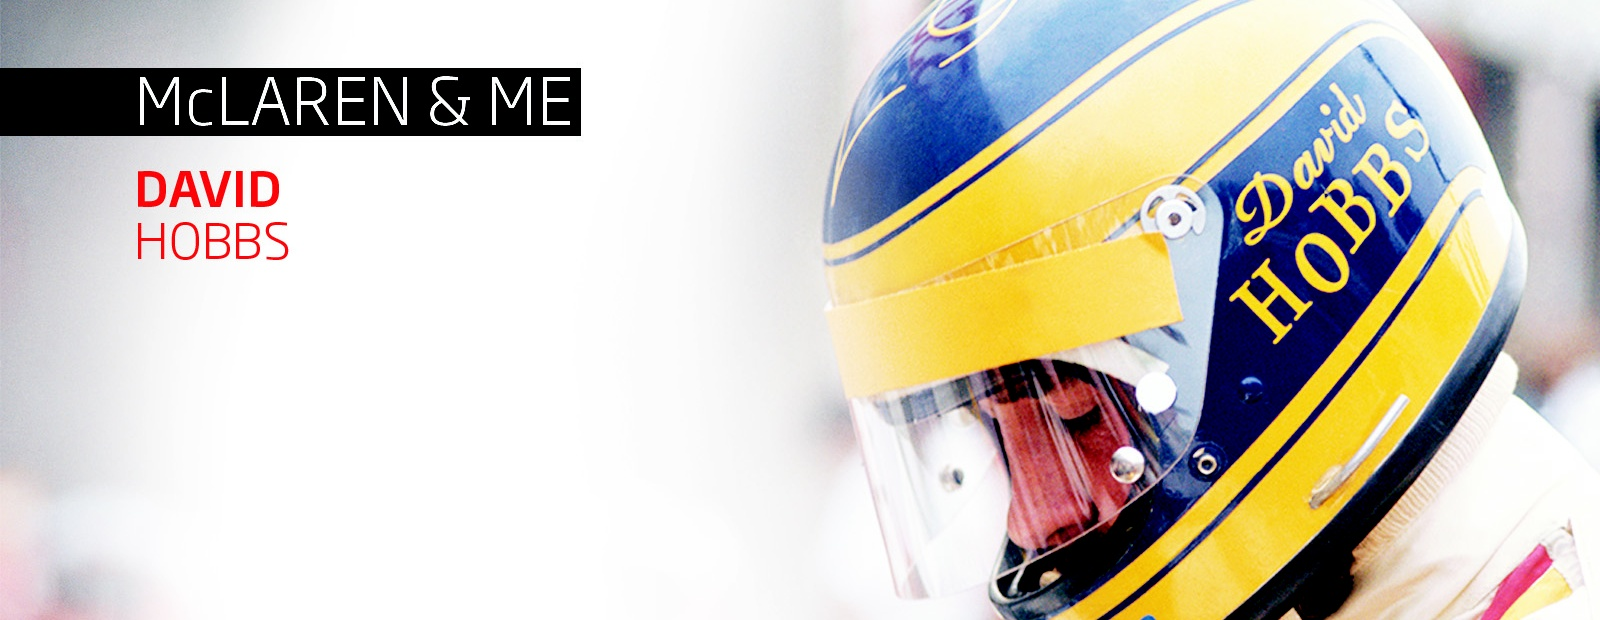 McLaren & Me: David Hobbs